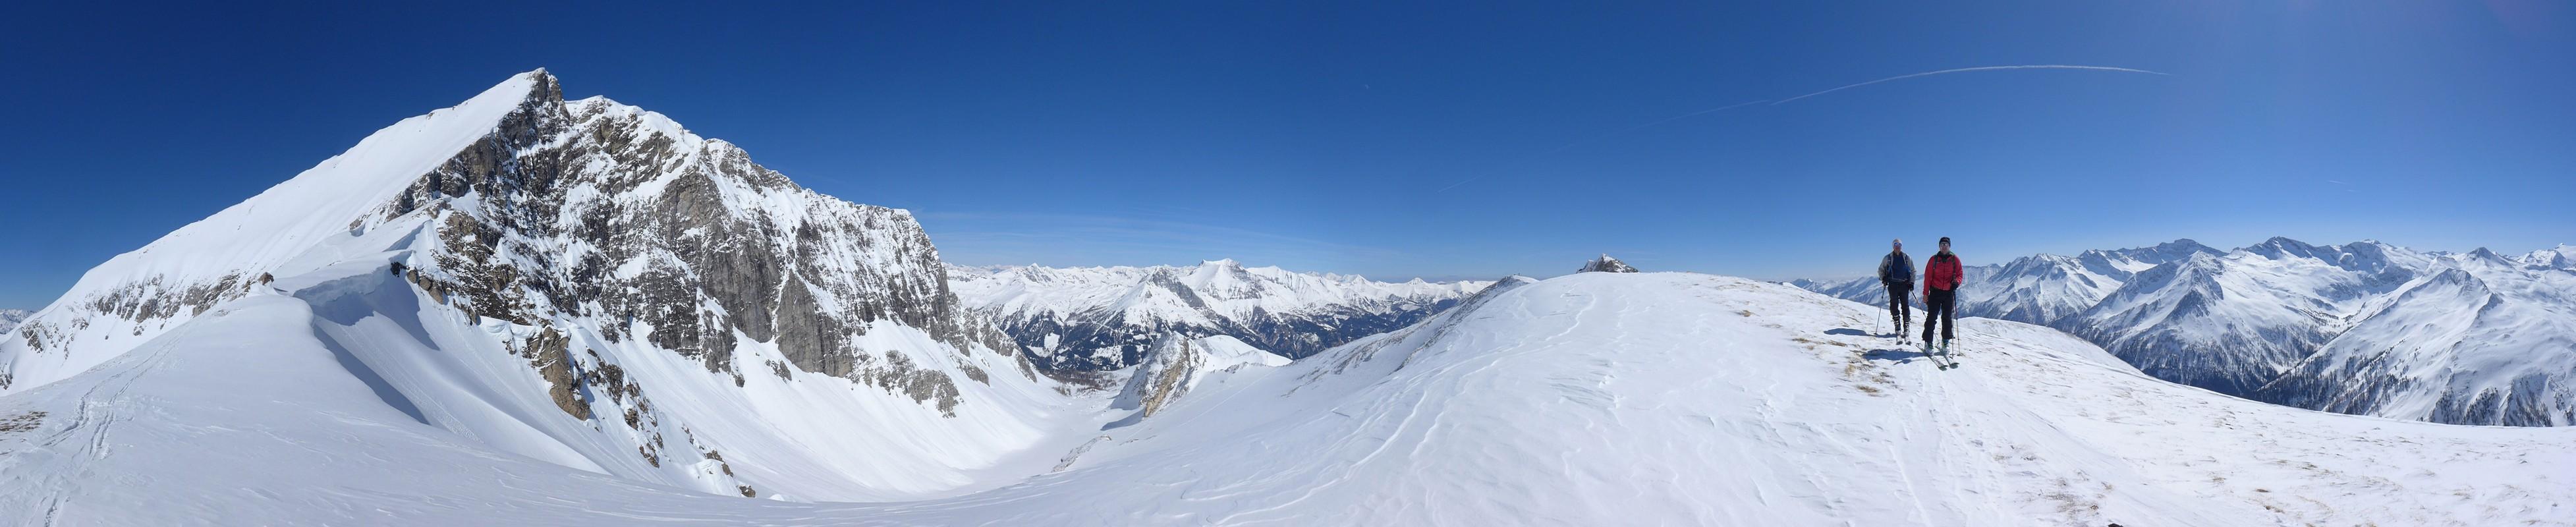 Weisseck Niedere Tauern Österreich panorama 22